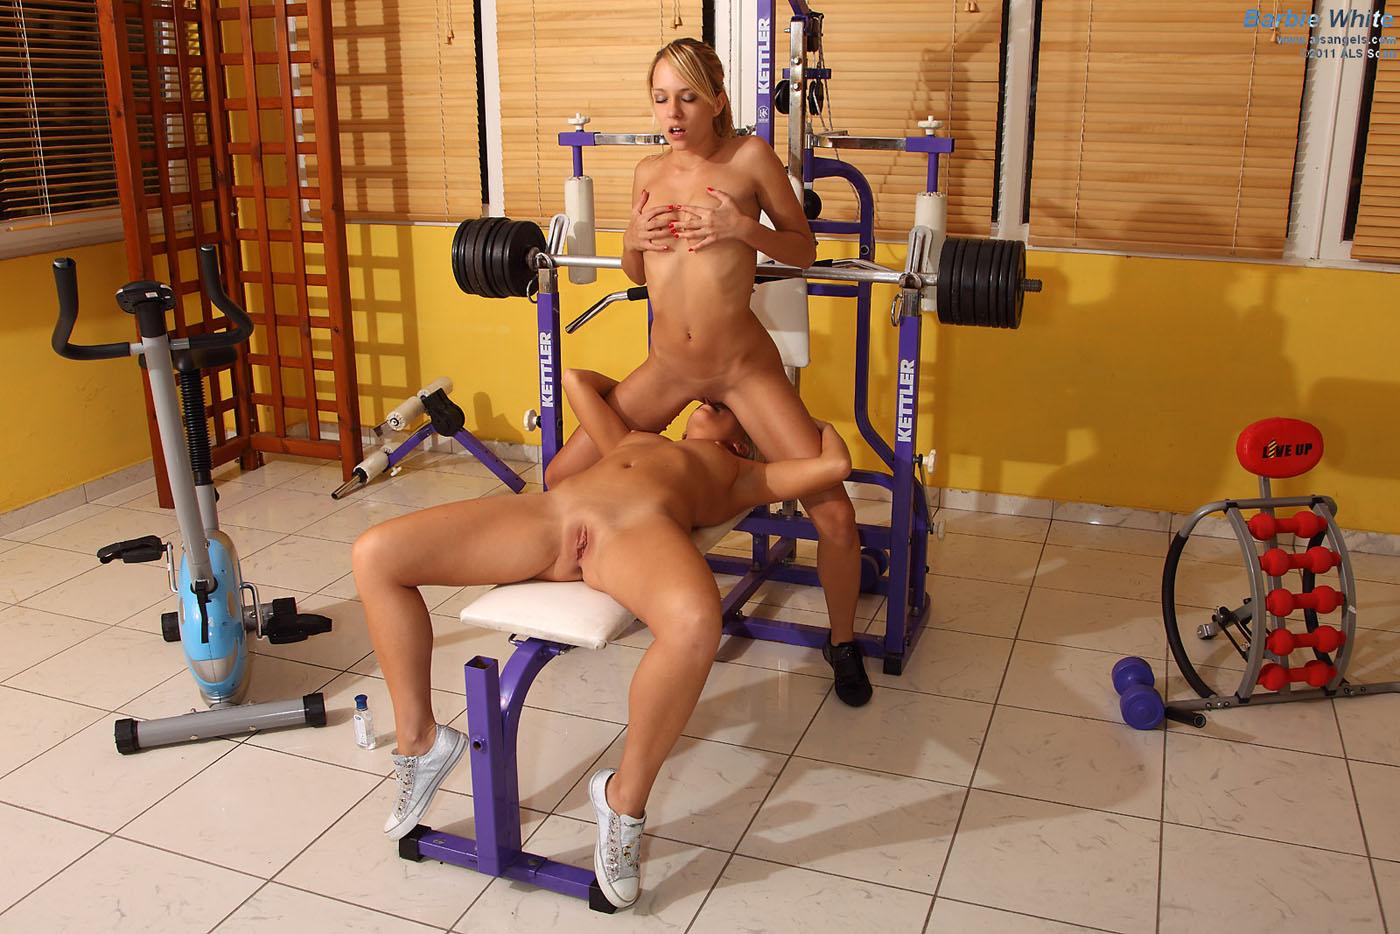 Секс со спортсменкой в спортзале, Порно В спортзале -видео. Смотреть порно онлайн! 2 фотография